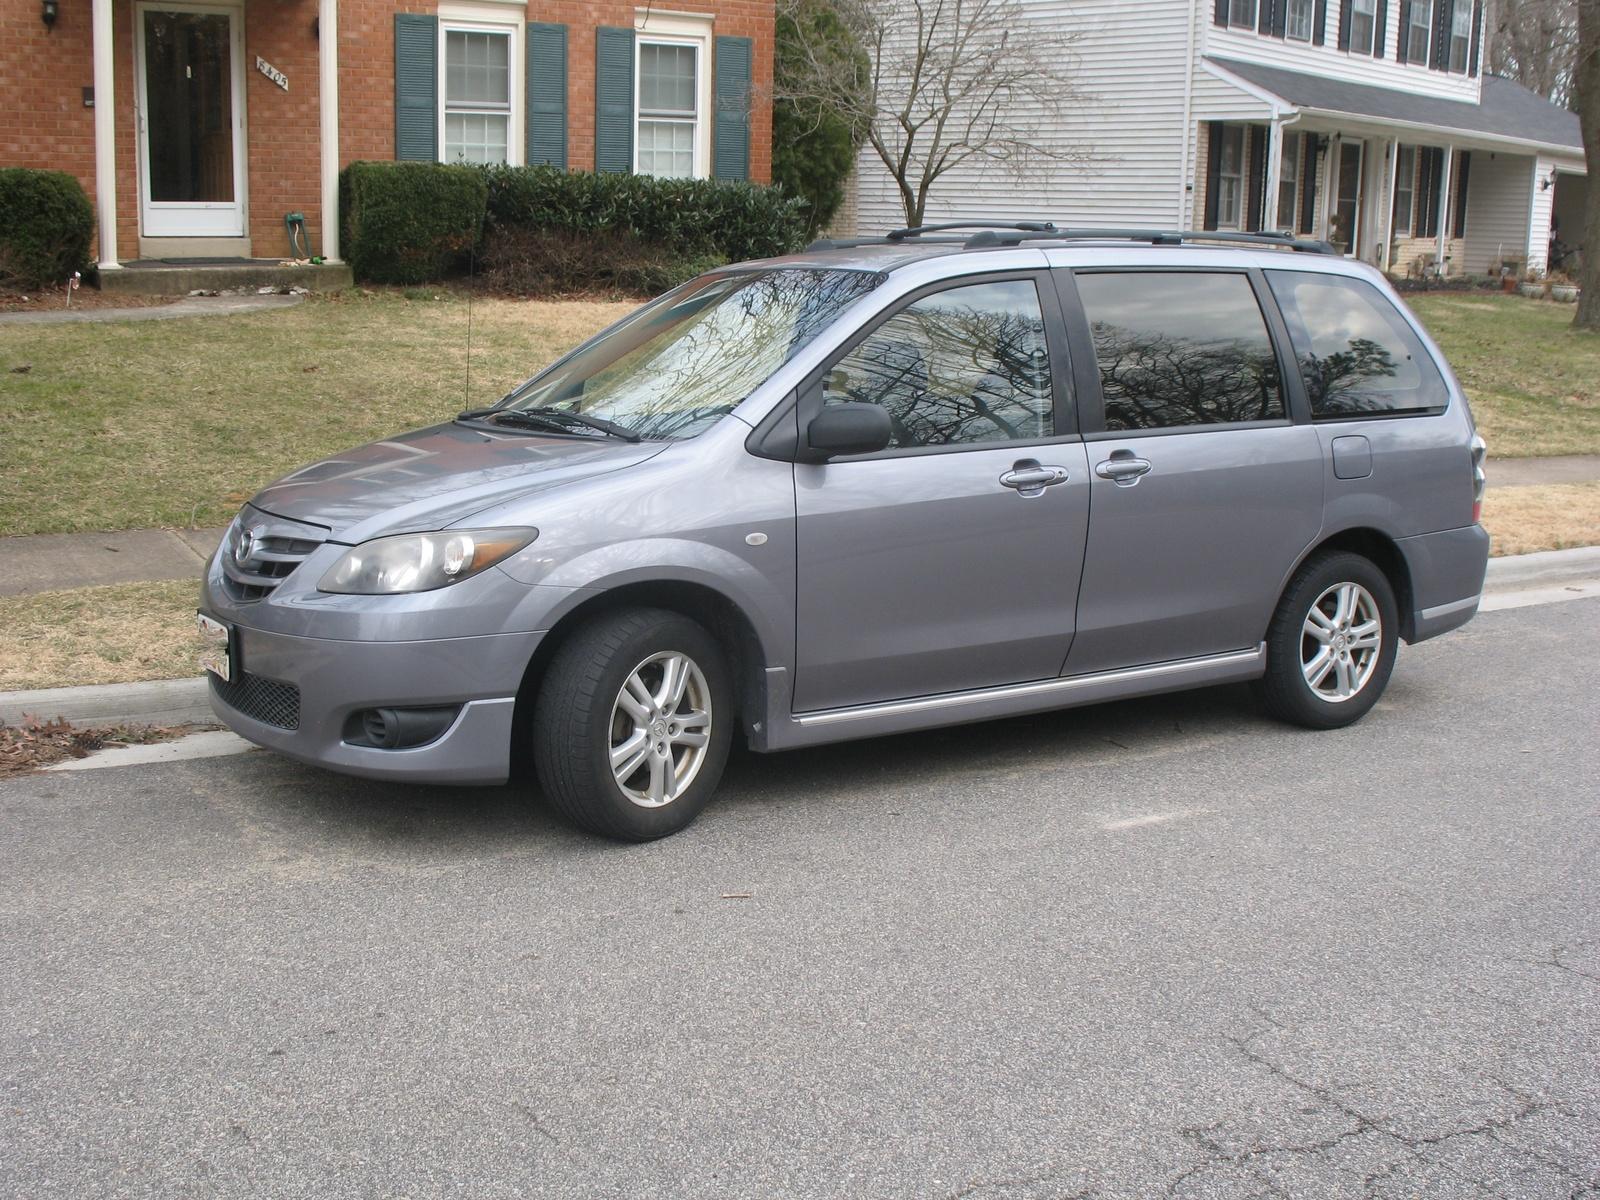 2005 Mazda Mpv Pictures Cargurus